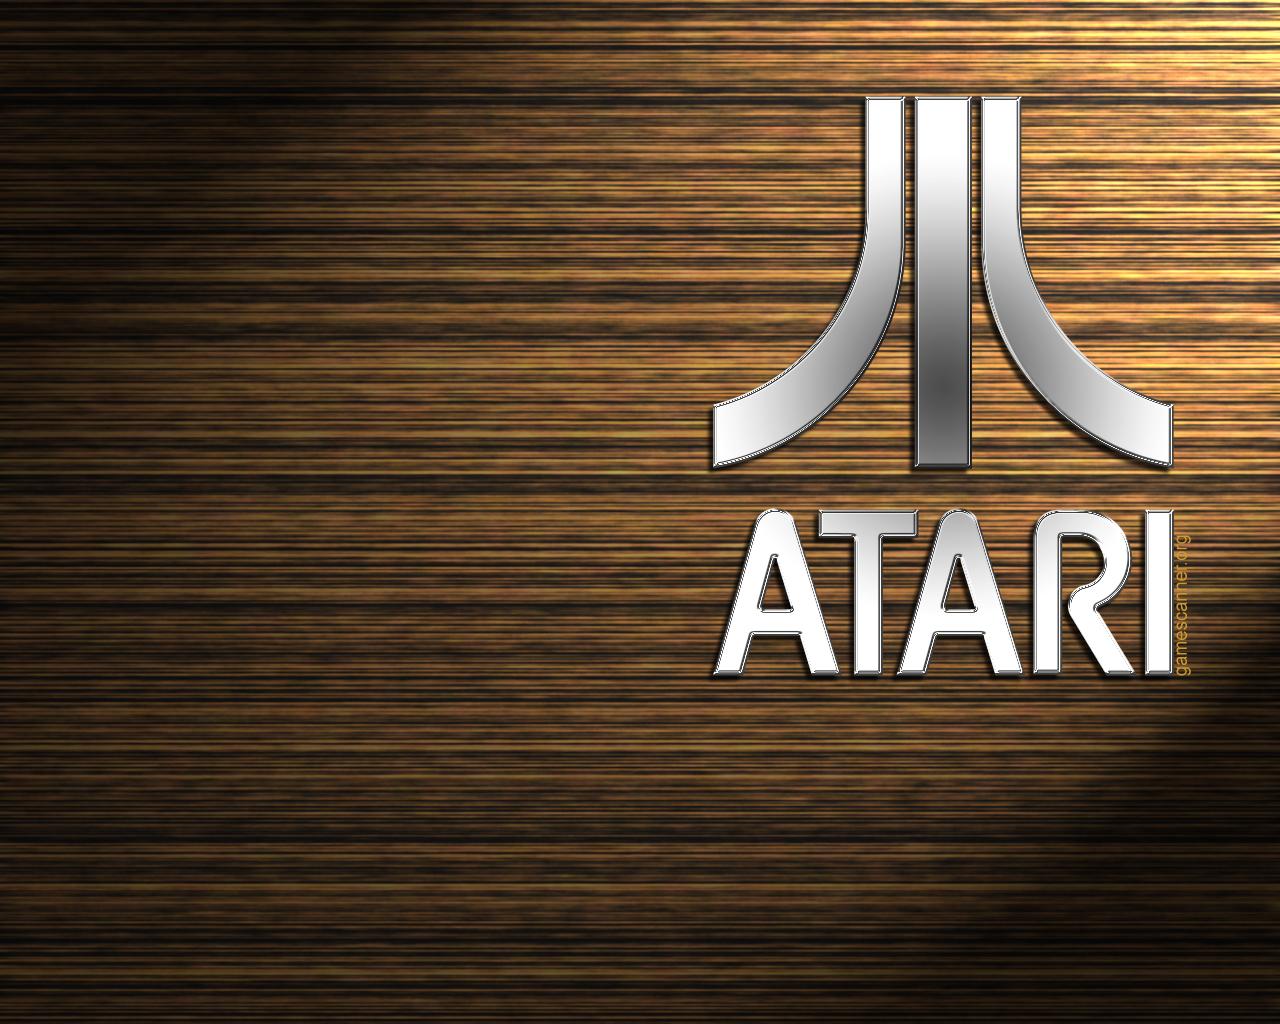 Atari Wallpaper Wallpapersafari